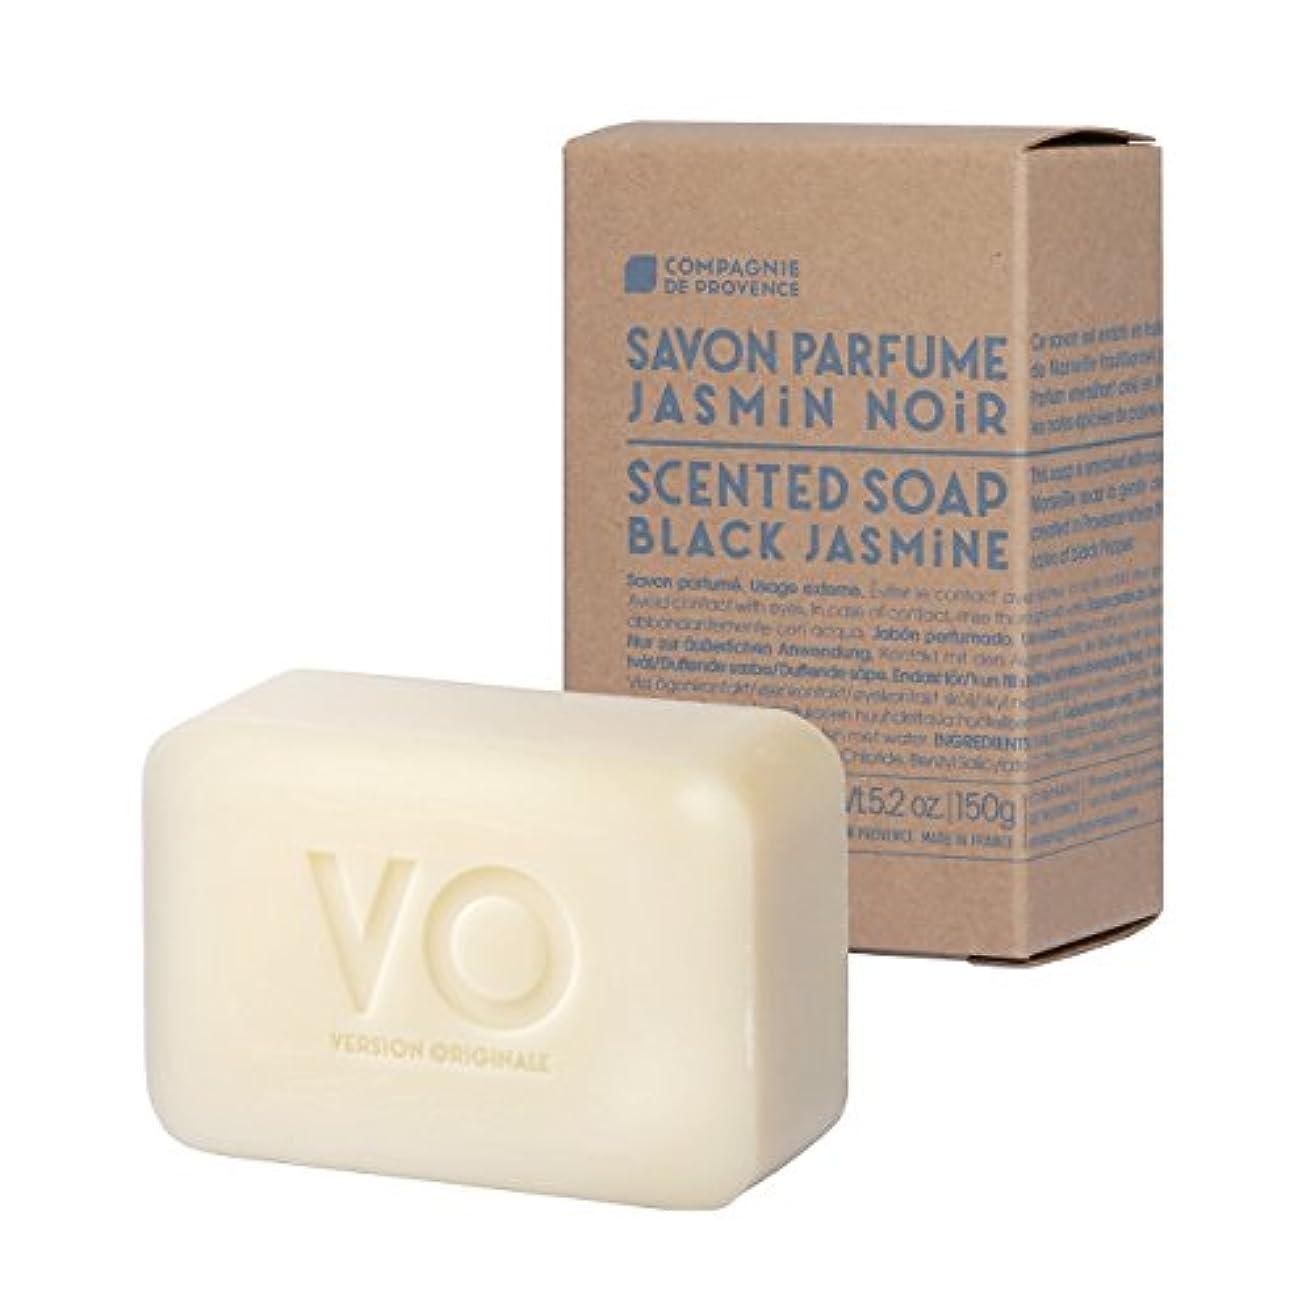 浸透する早熟禁じるカンパニードプロバンス バージョンオリジナル センティッドソープ ブラックジャスミン(すっきりとした中にも甘さがある香り) 150g